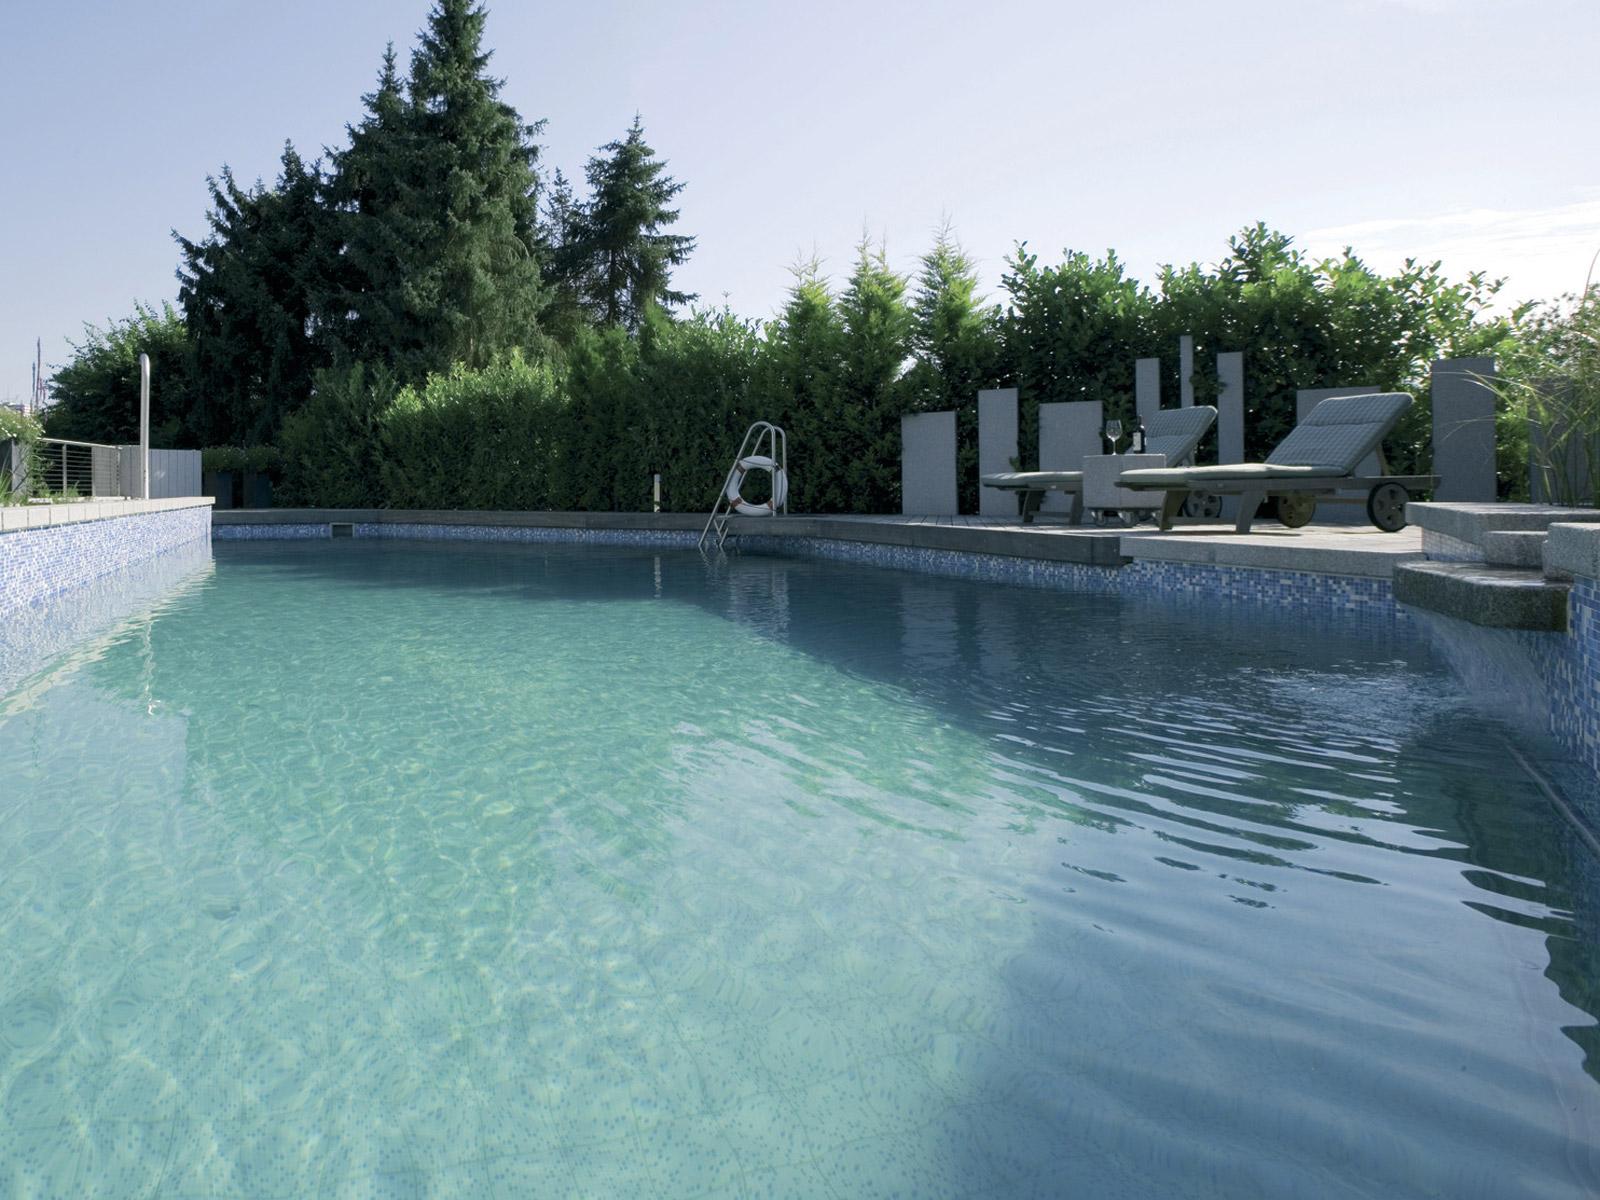 salz schwimmteich schwimmbad und saunen. Black Bedroom Furniture Sets. Home Design Ideas